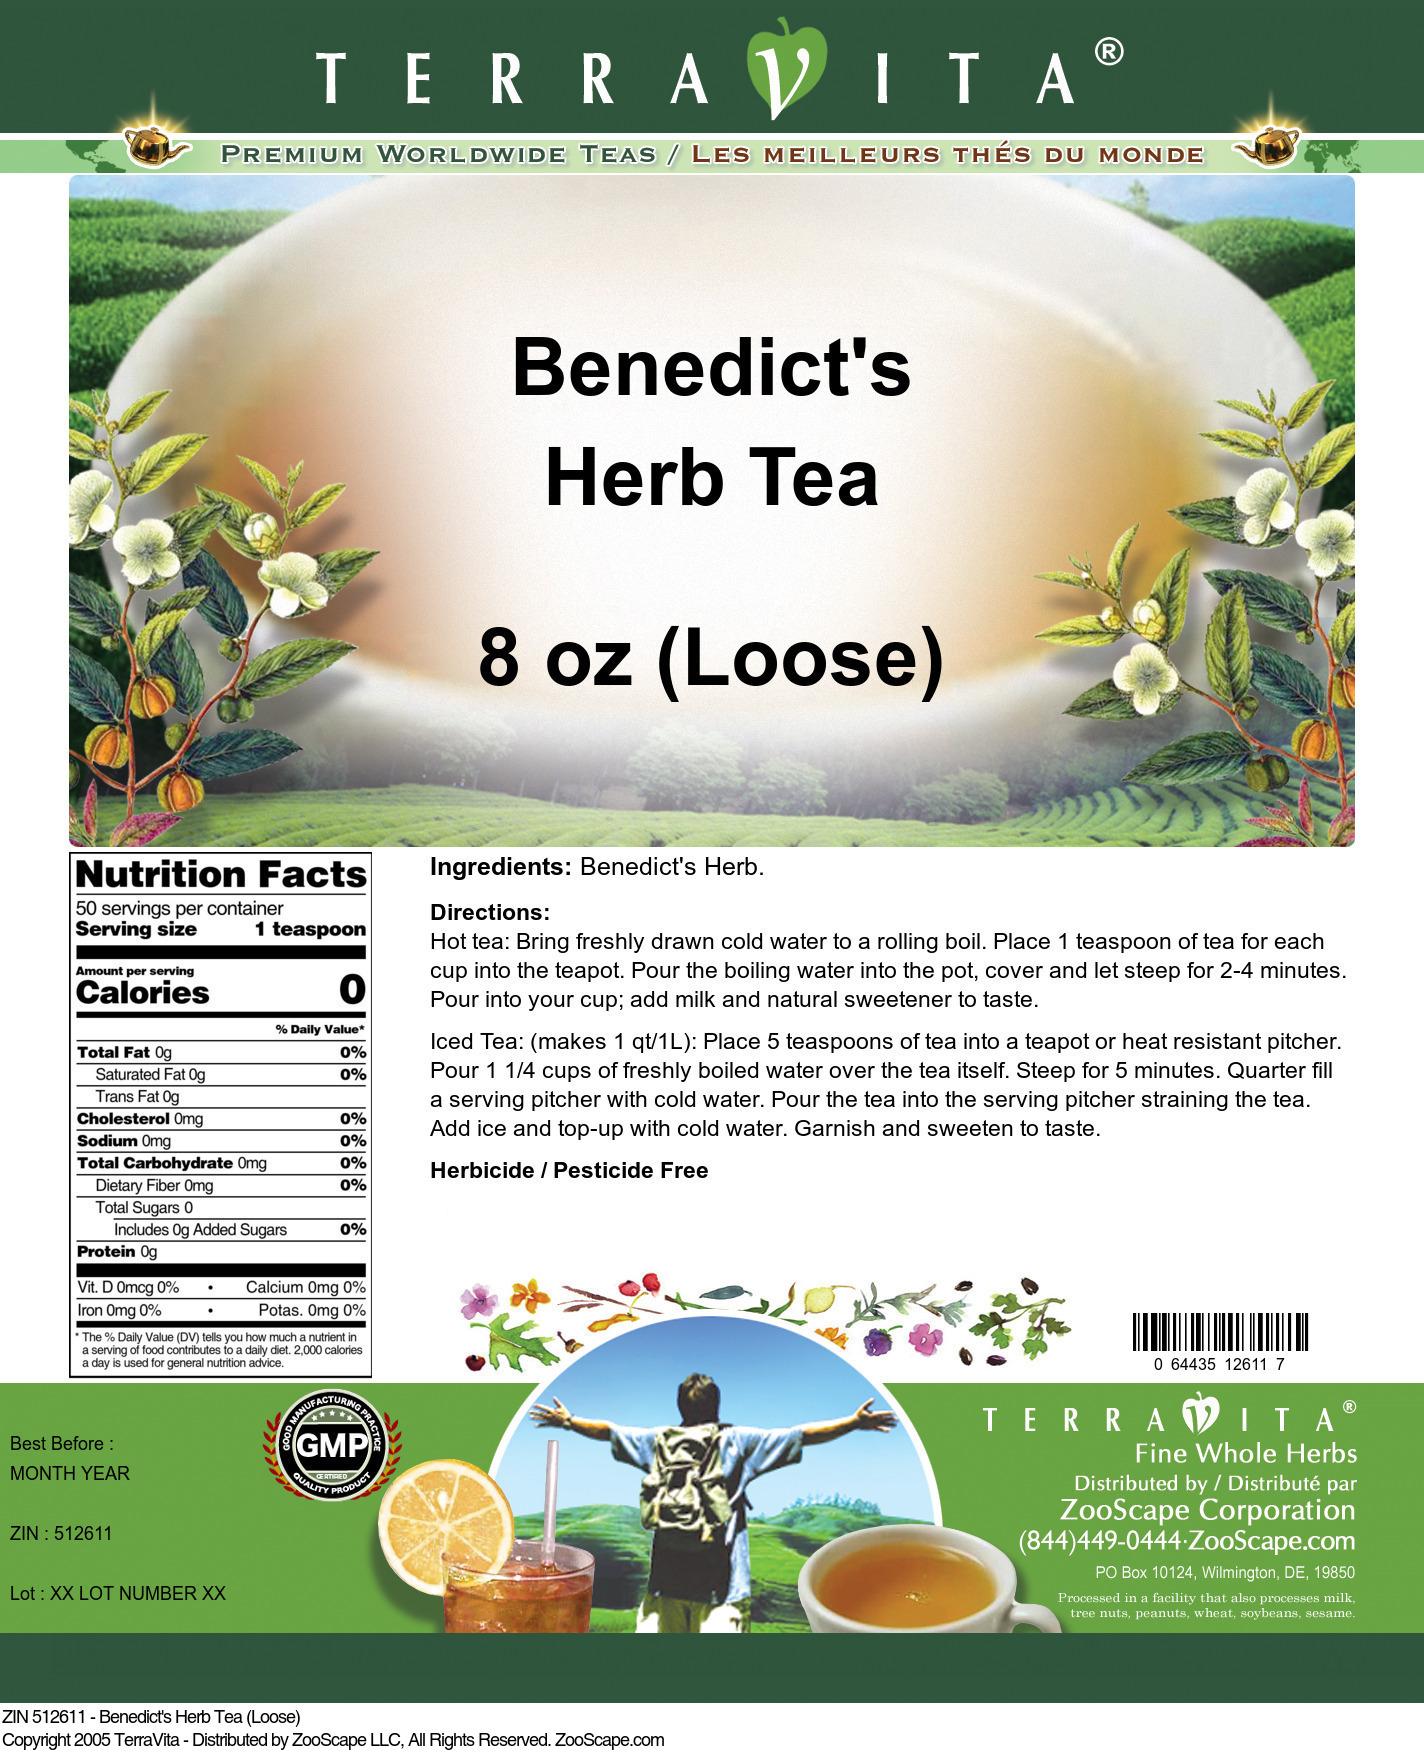 Benedict's Herb Tea (Loose)